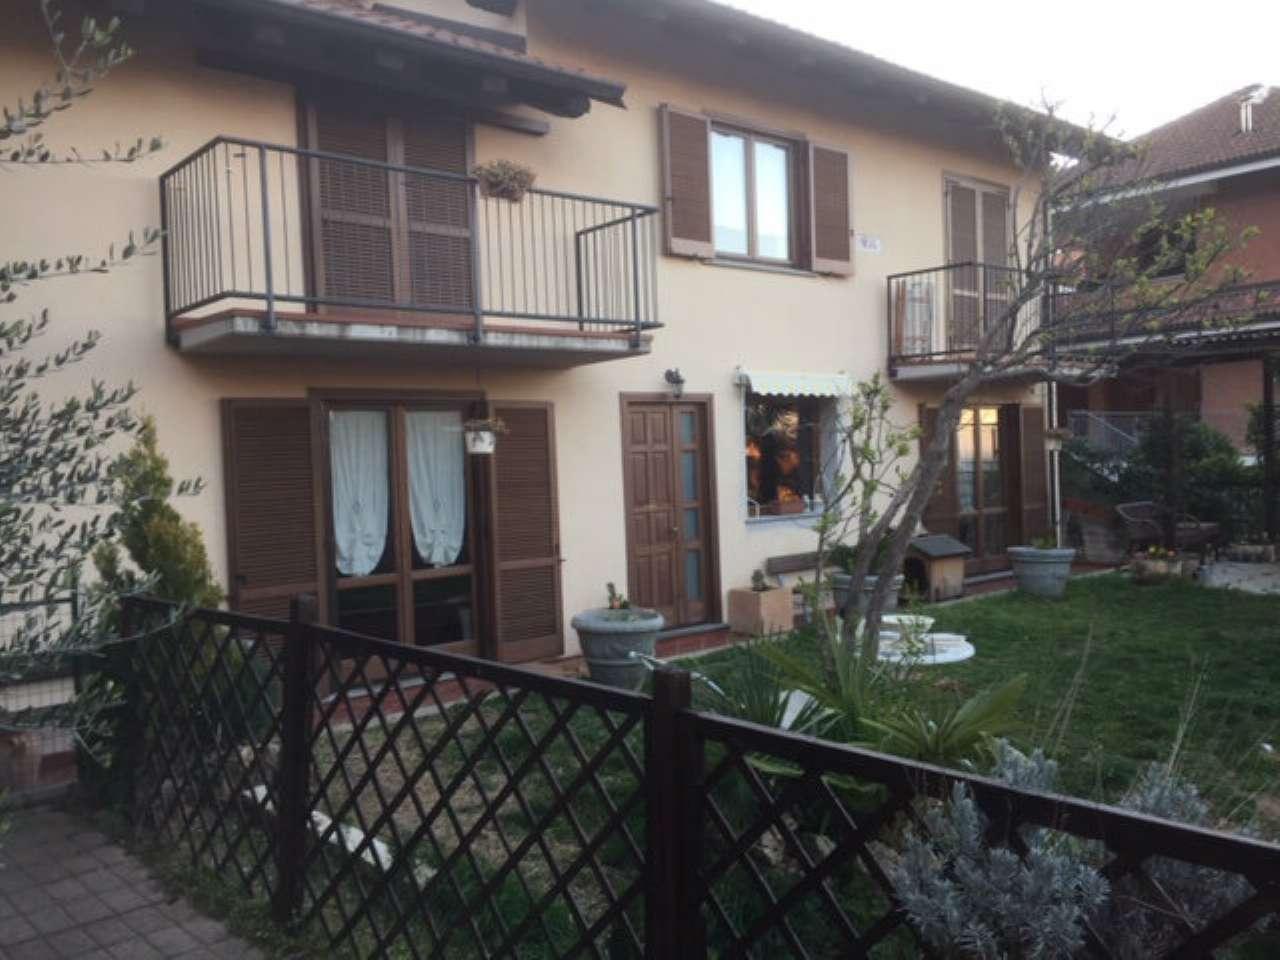 Soluzione Indipendente in vendita a Villarbasse, 5 locali, prezzo € 360.000 | CambioCasa.it